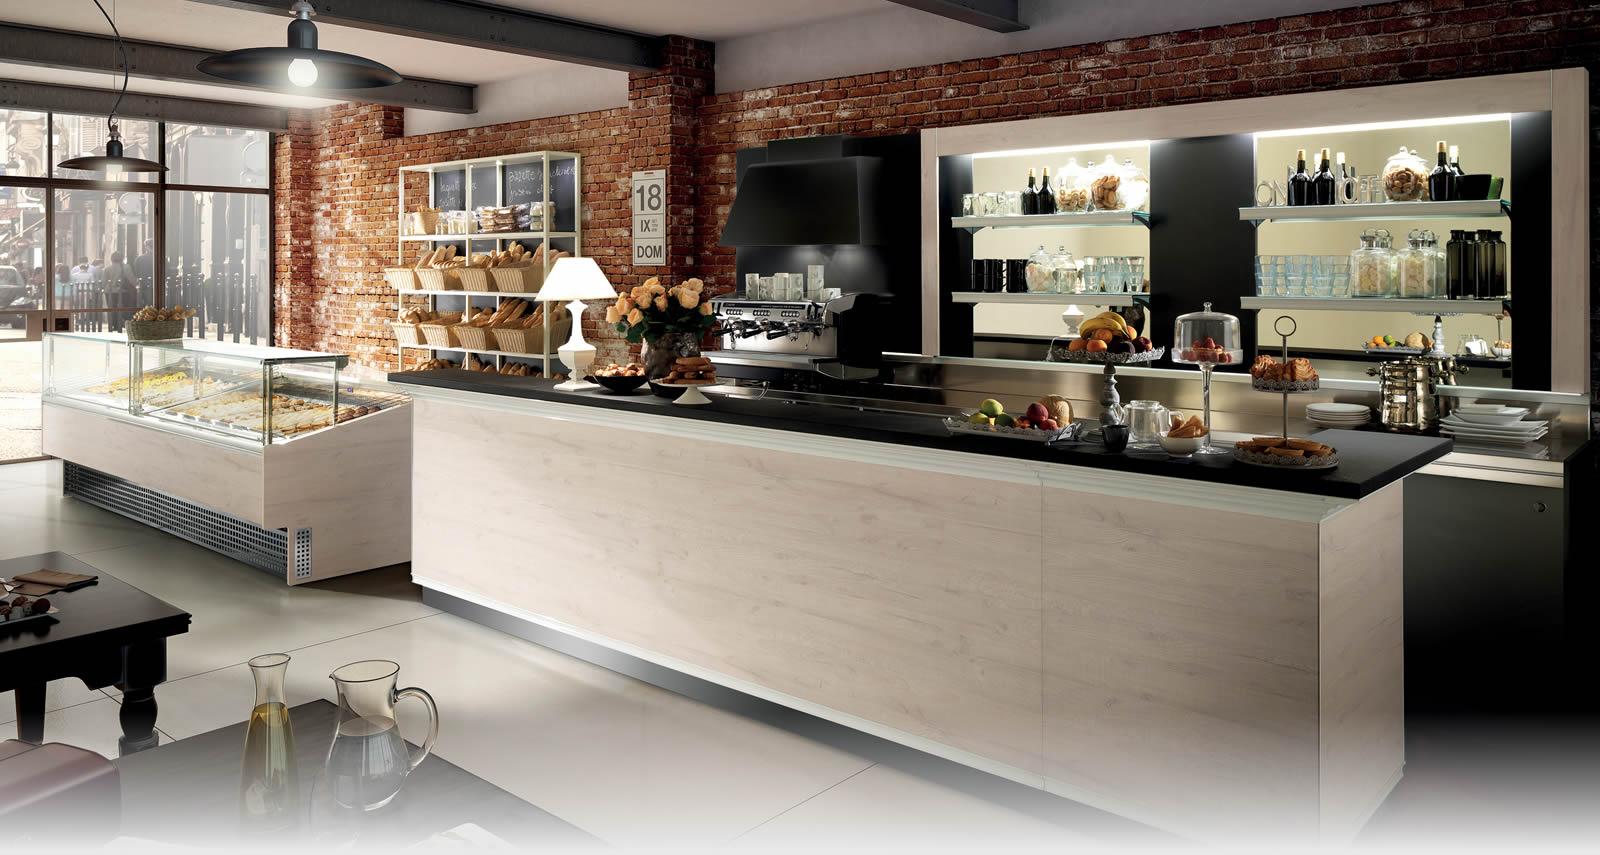 Arredo bar e negozi torino arredamenti sumisura for Bar arredamento